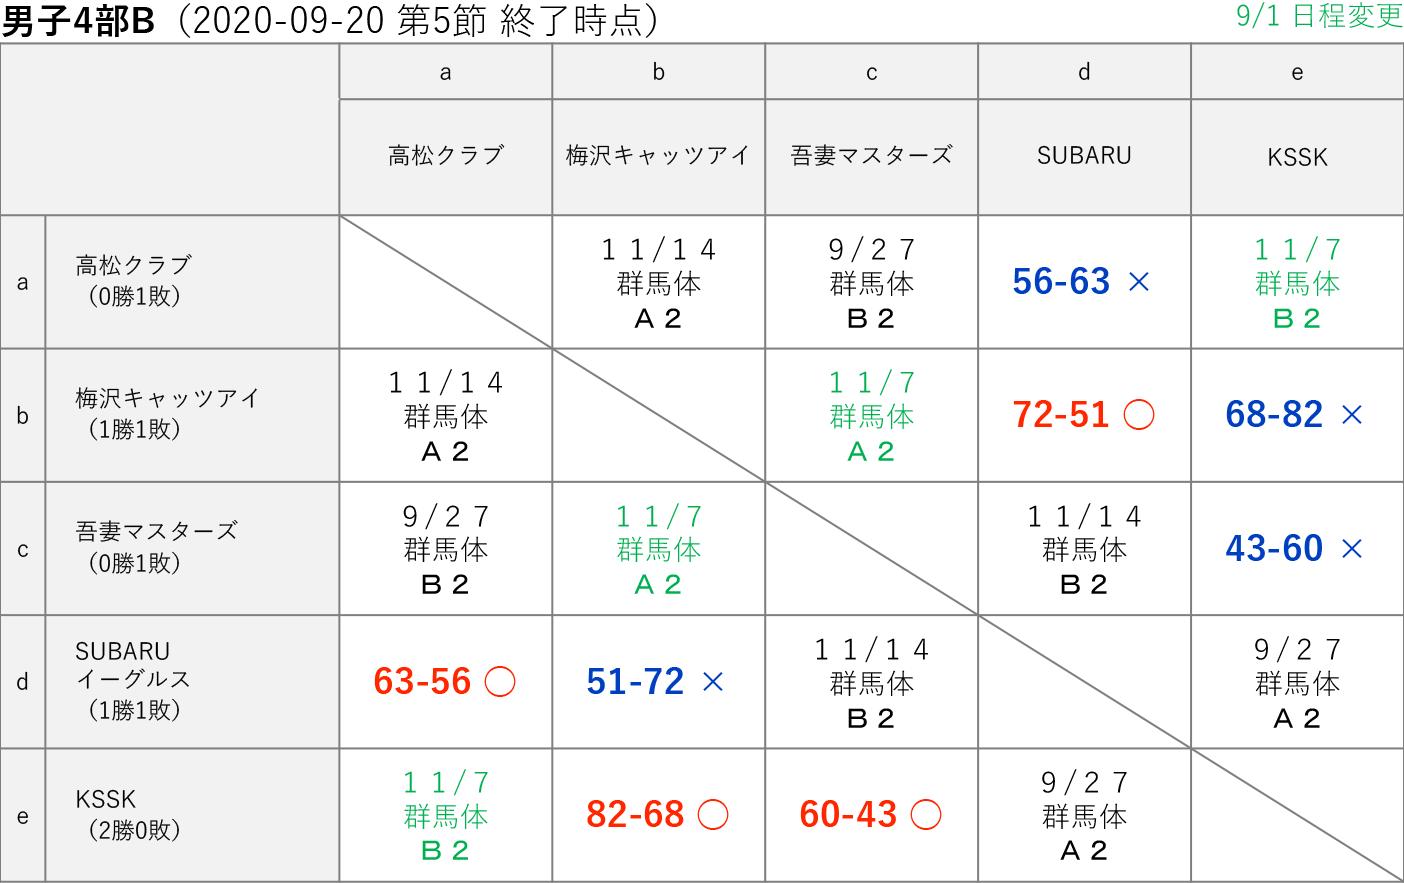 2020社会人リーグ 男子4部B 星取り表 2020-09-20(第5節終了時)